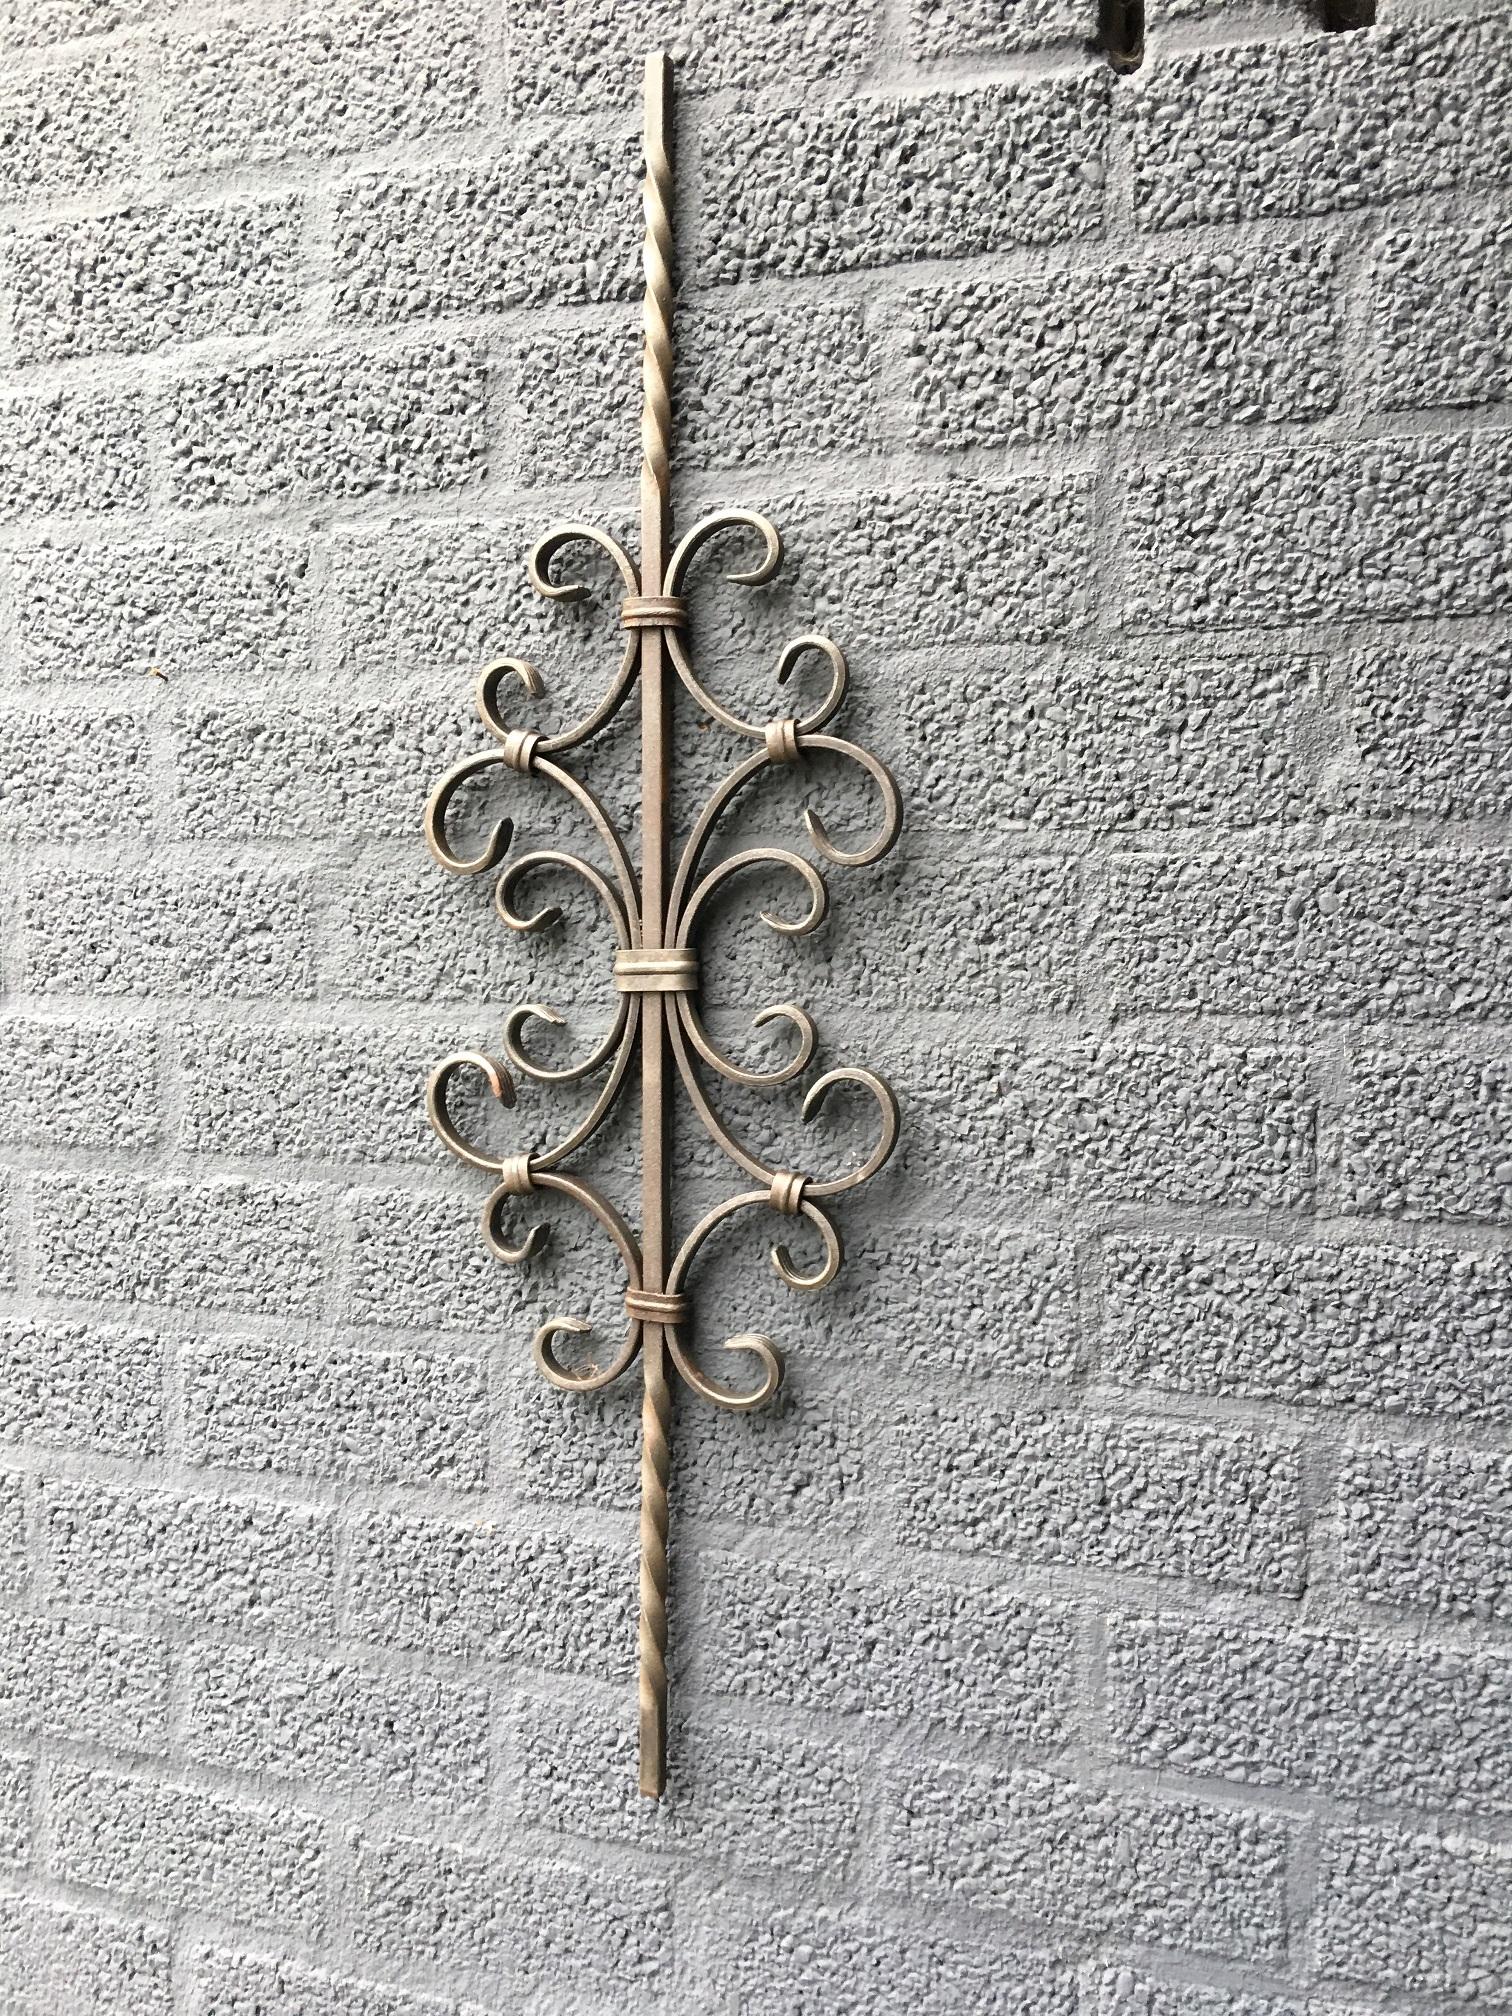 Tags decoratie en antiek smeedijzer van rond de for Interieur decoratie artikelen